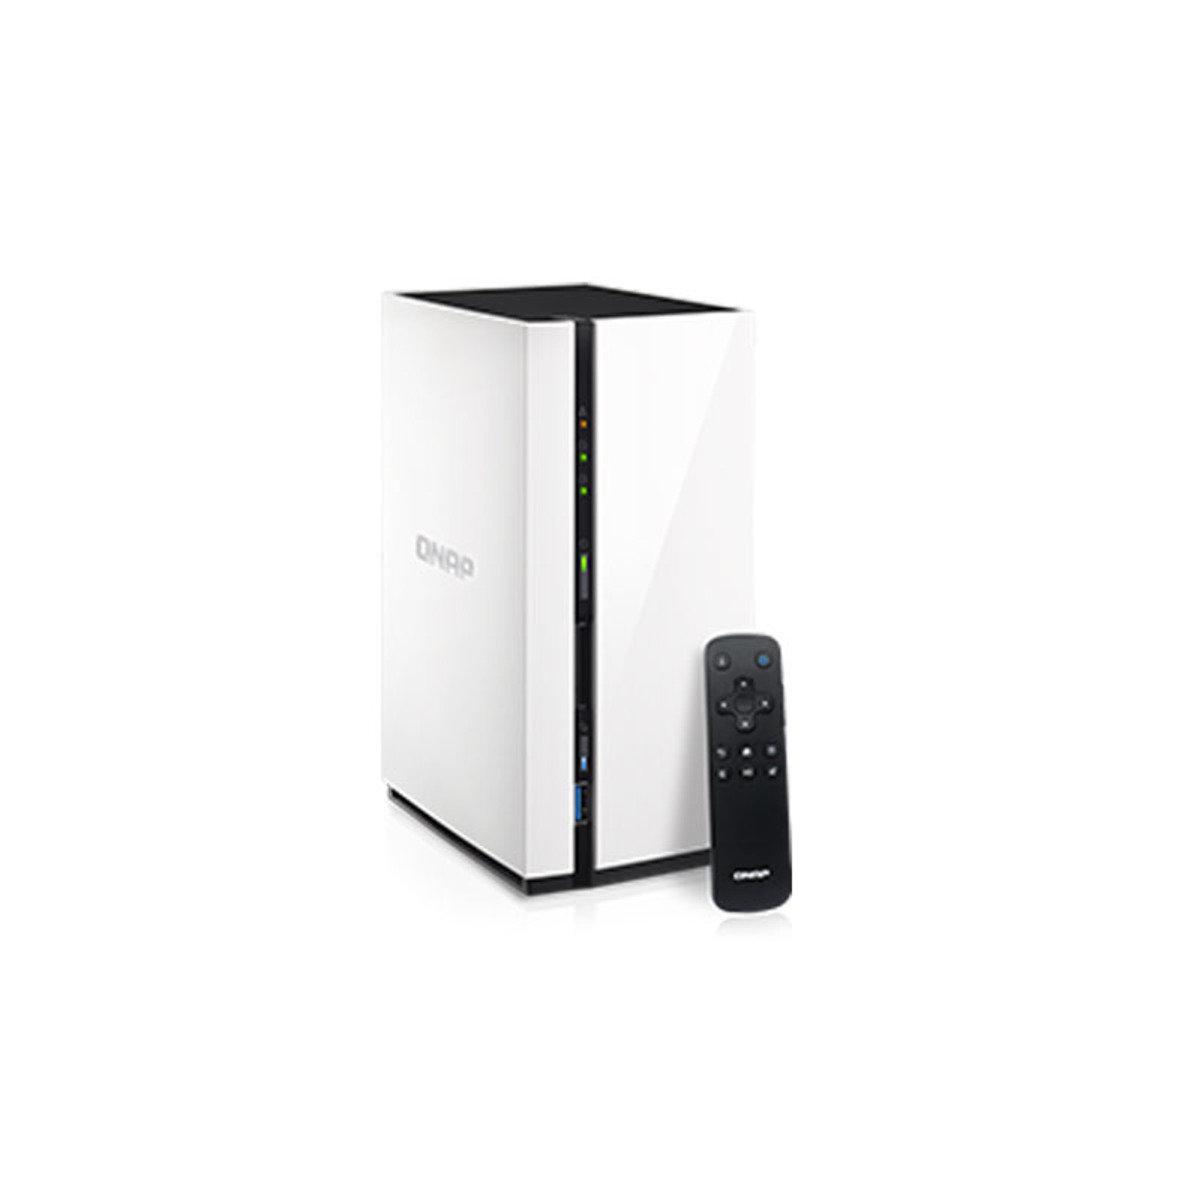 4TB 雙系統4K播放家用多功能雲端系統 TAS-268 4TB